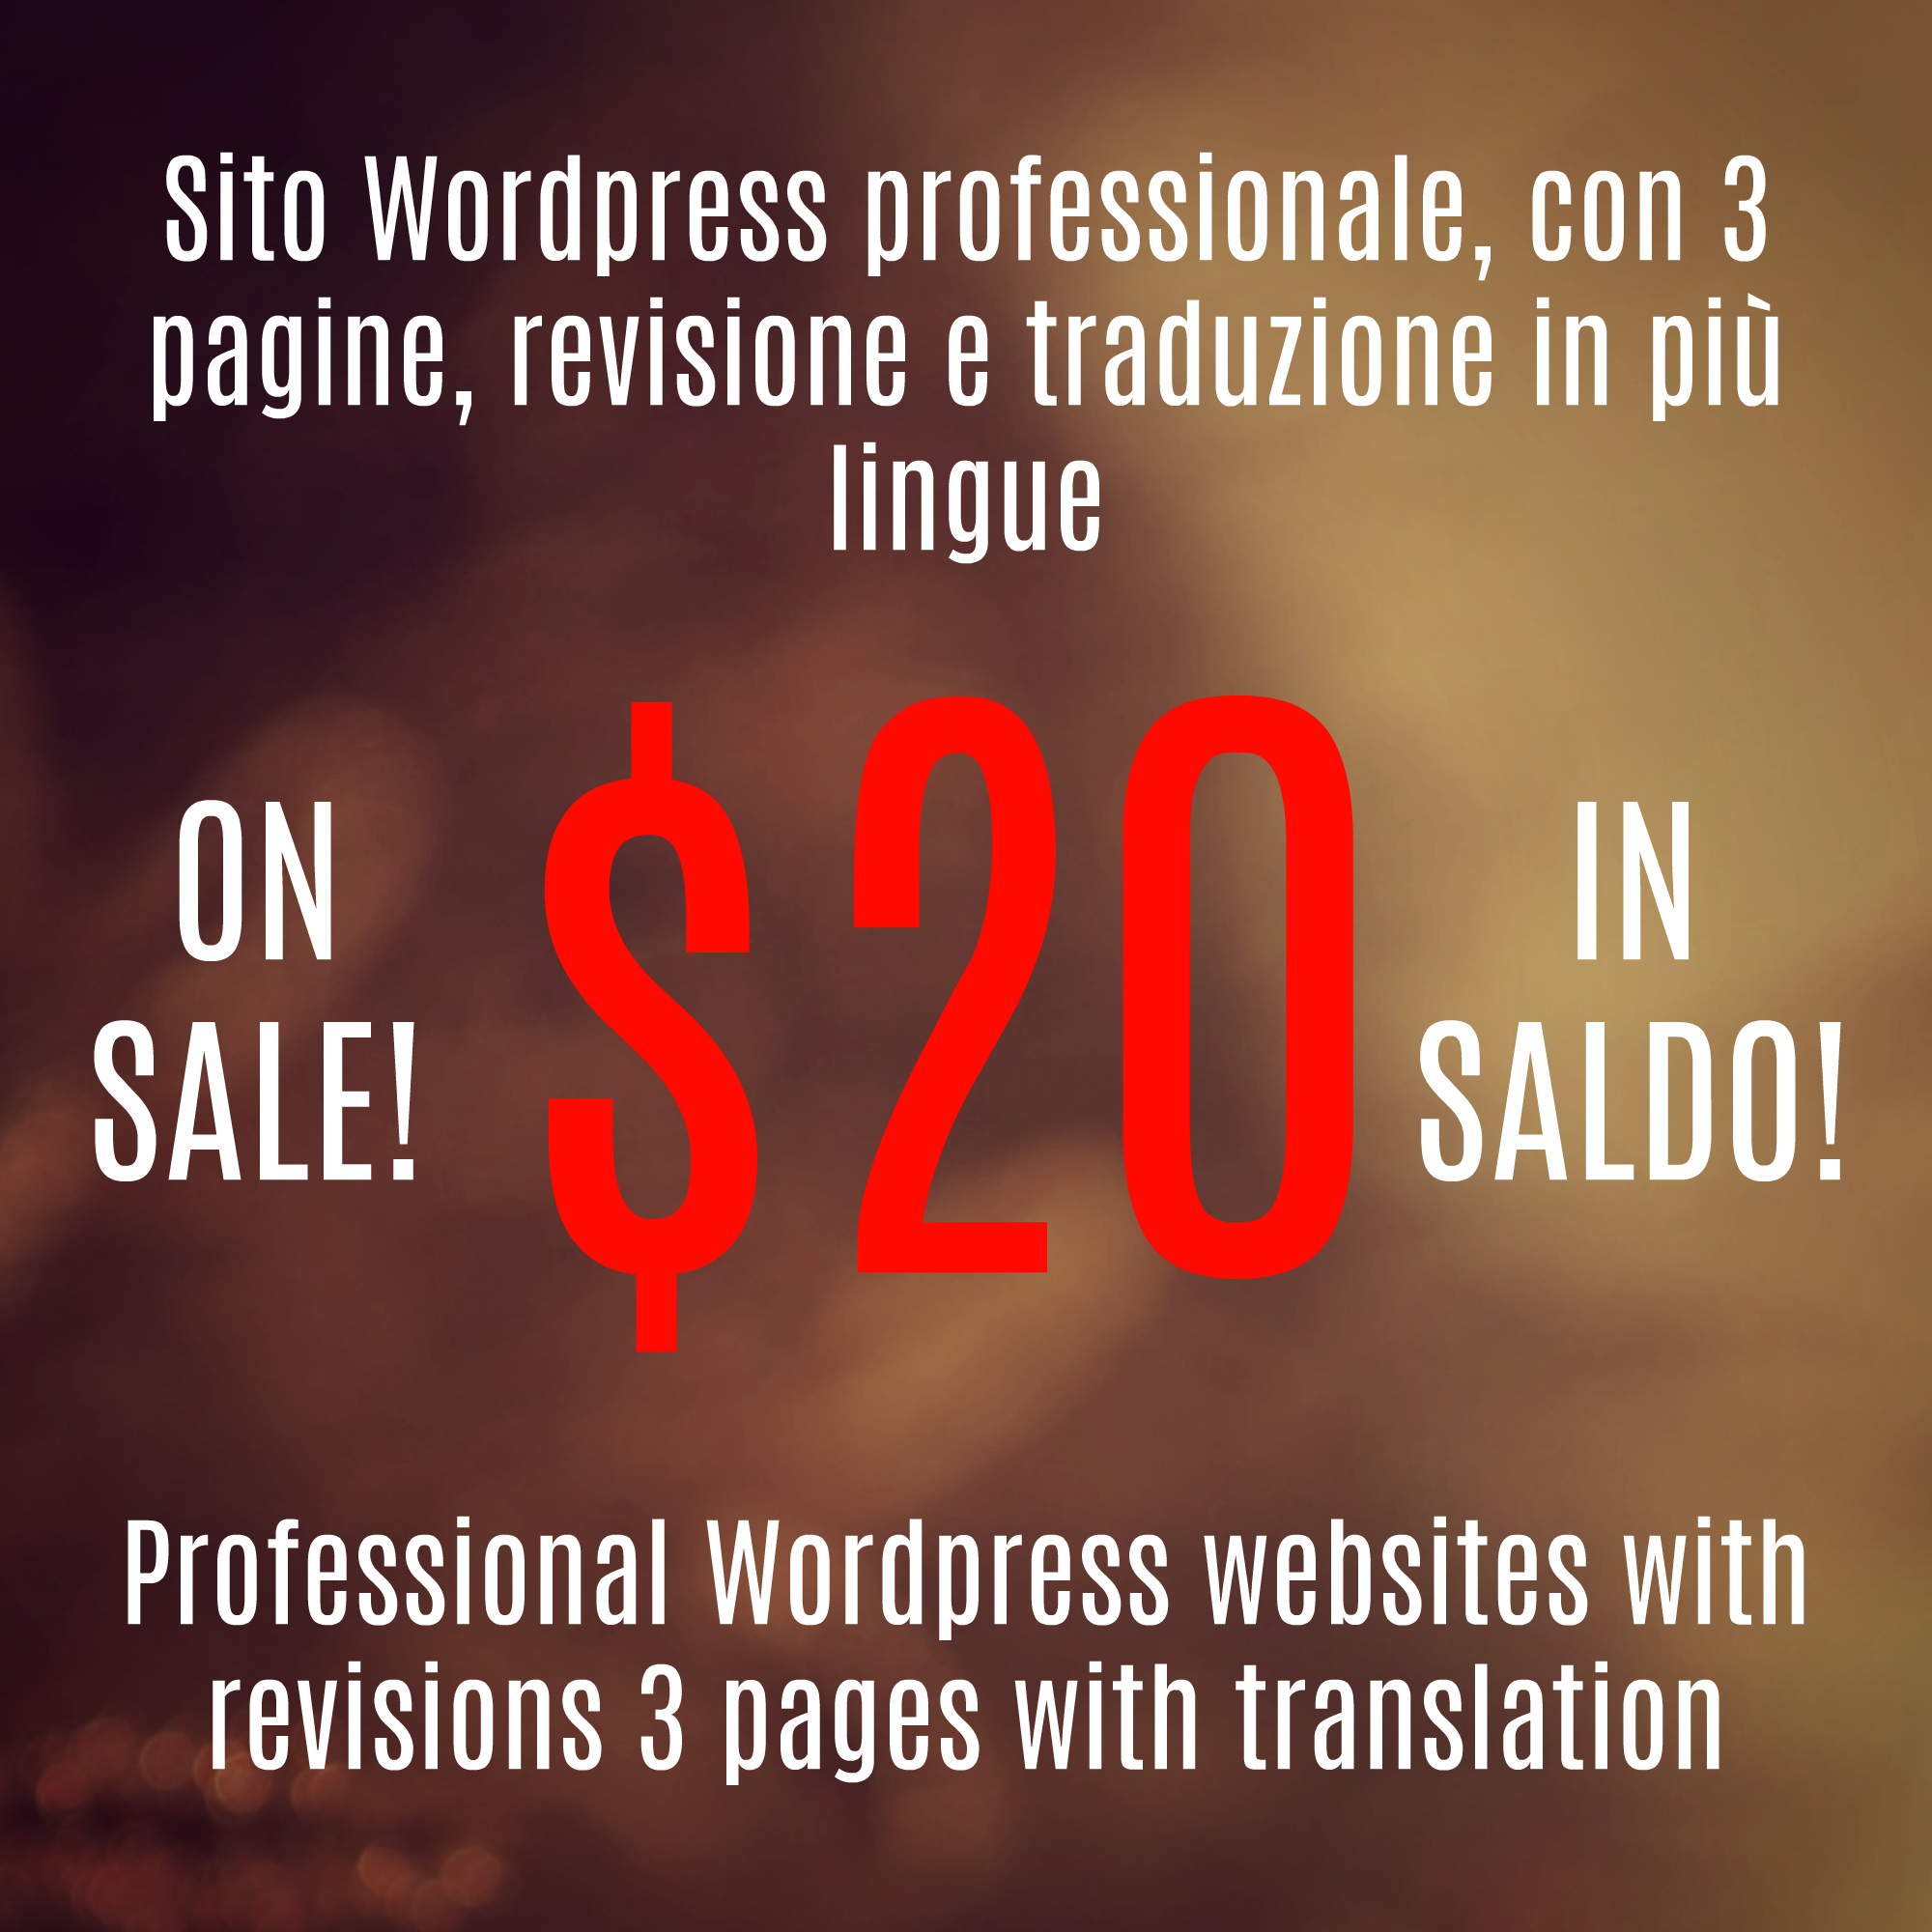 Siti wordpress in italiano con 3 pagine,  traduzione in inglese ed installazione dei plugins